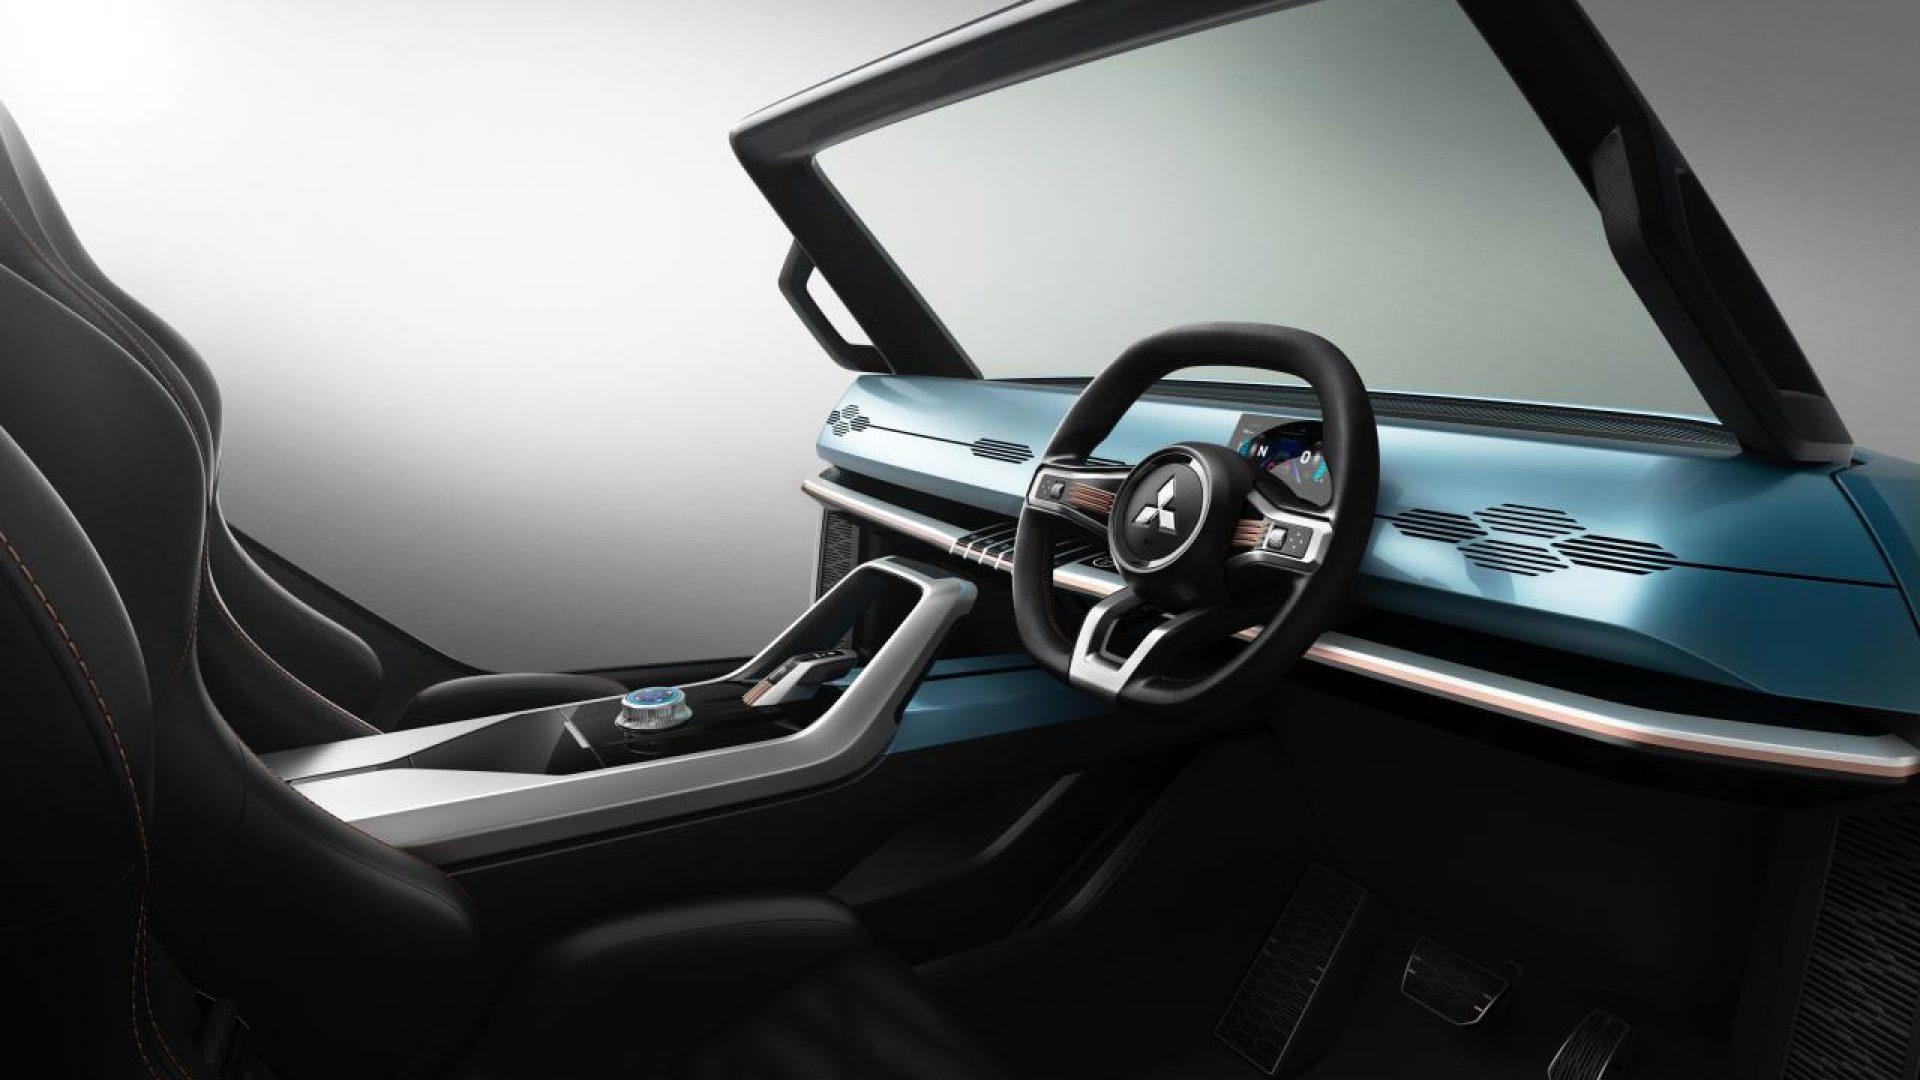 2019-Mitsubishi-MI-Tech-Concept-Interior-01